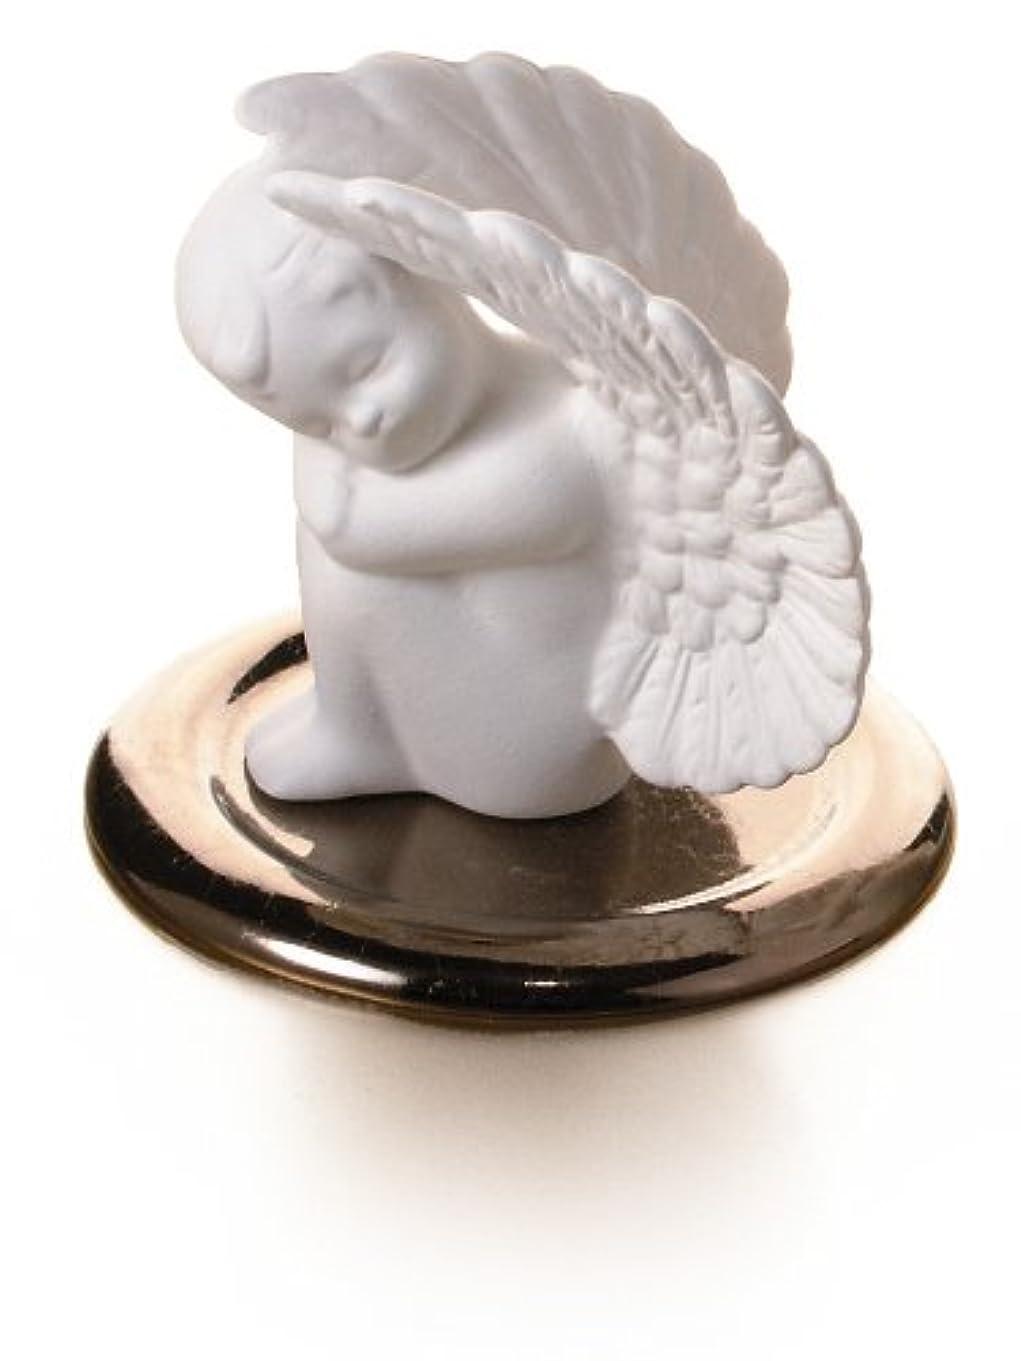 フォーマット寄託虐待ポマンダー■ 守護天使(皿付き)